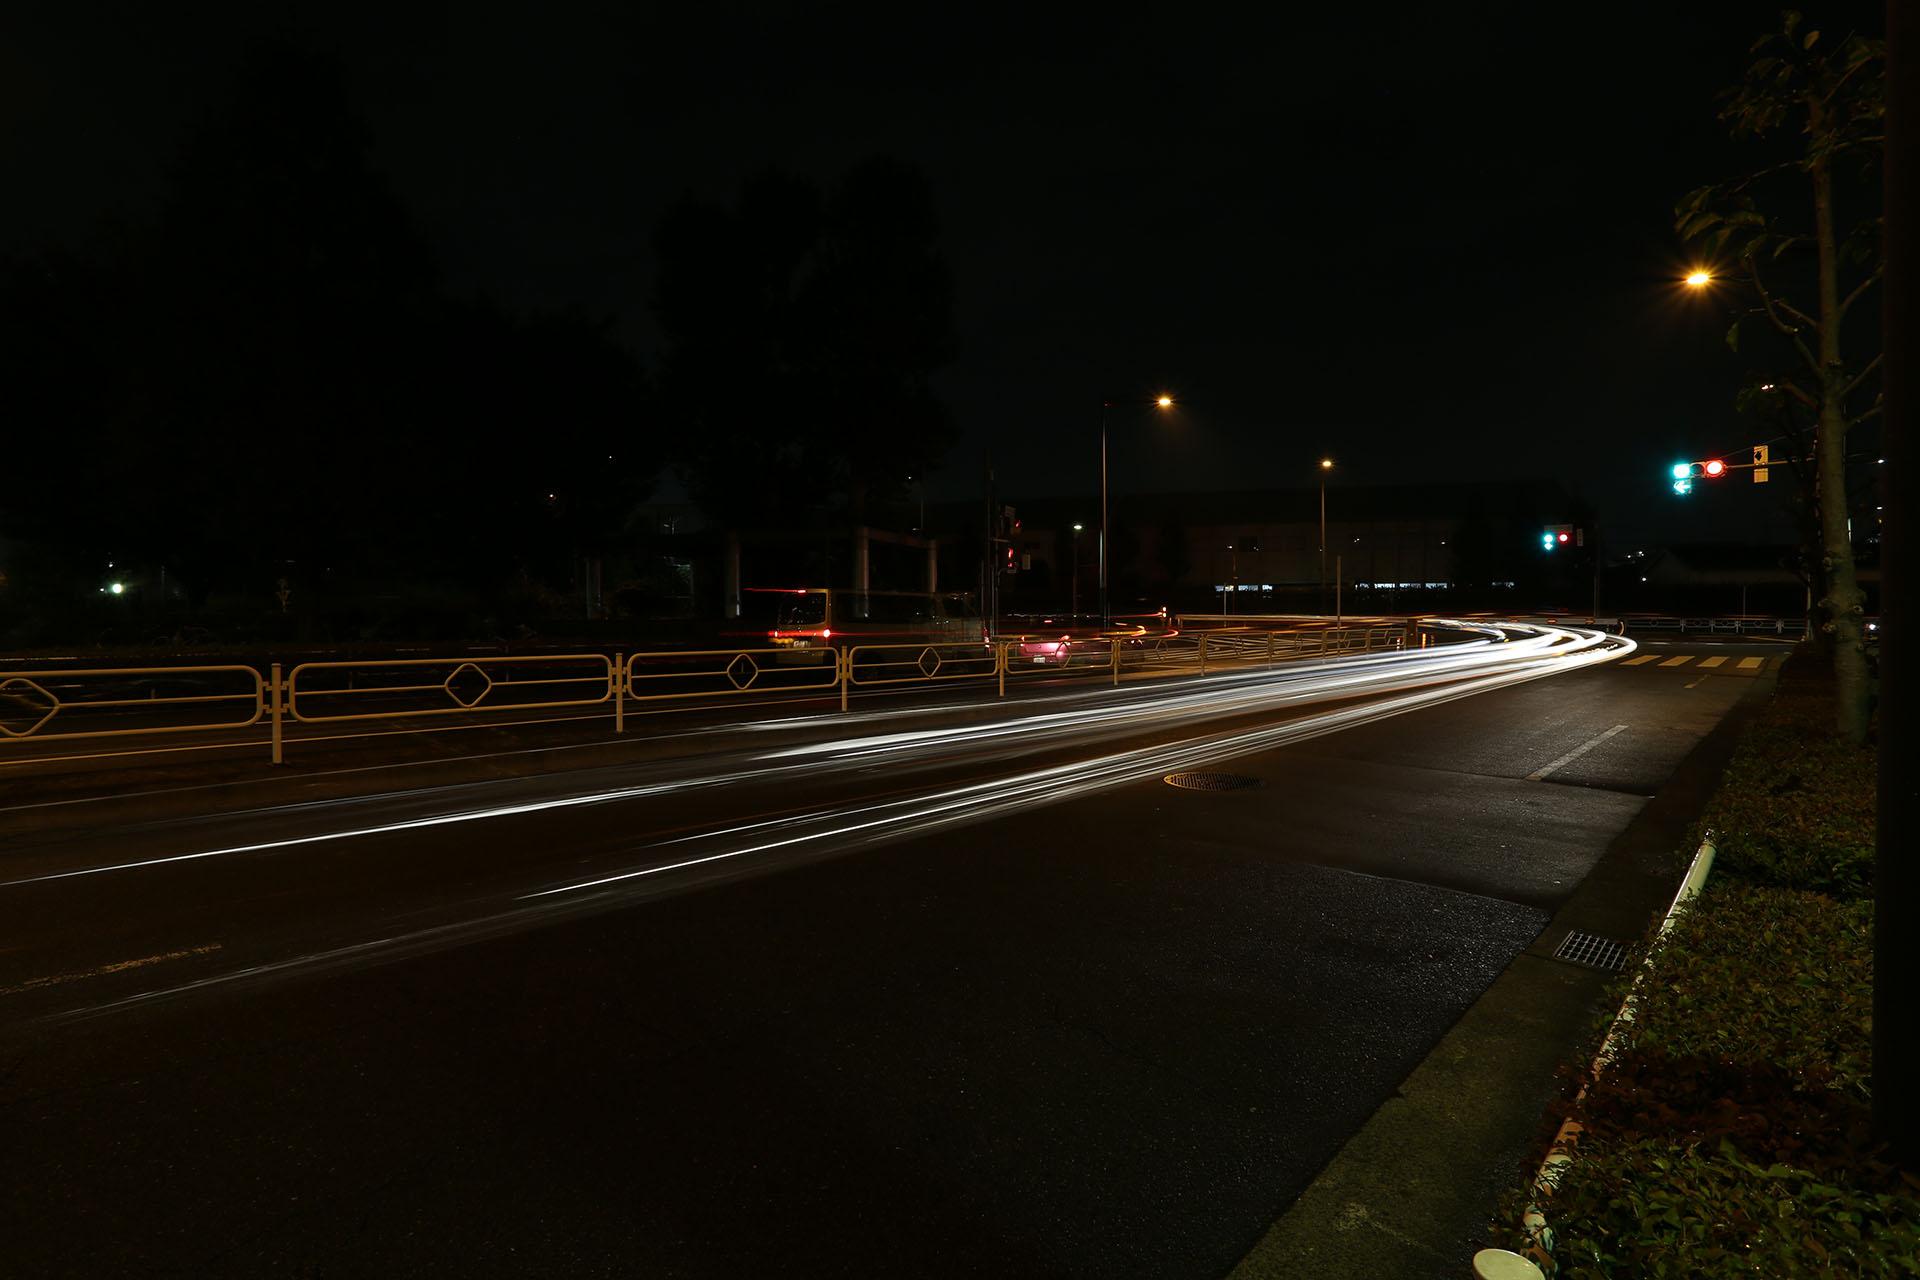 東京都立川市 夜景 Canon EOS 5D MarkIII